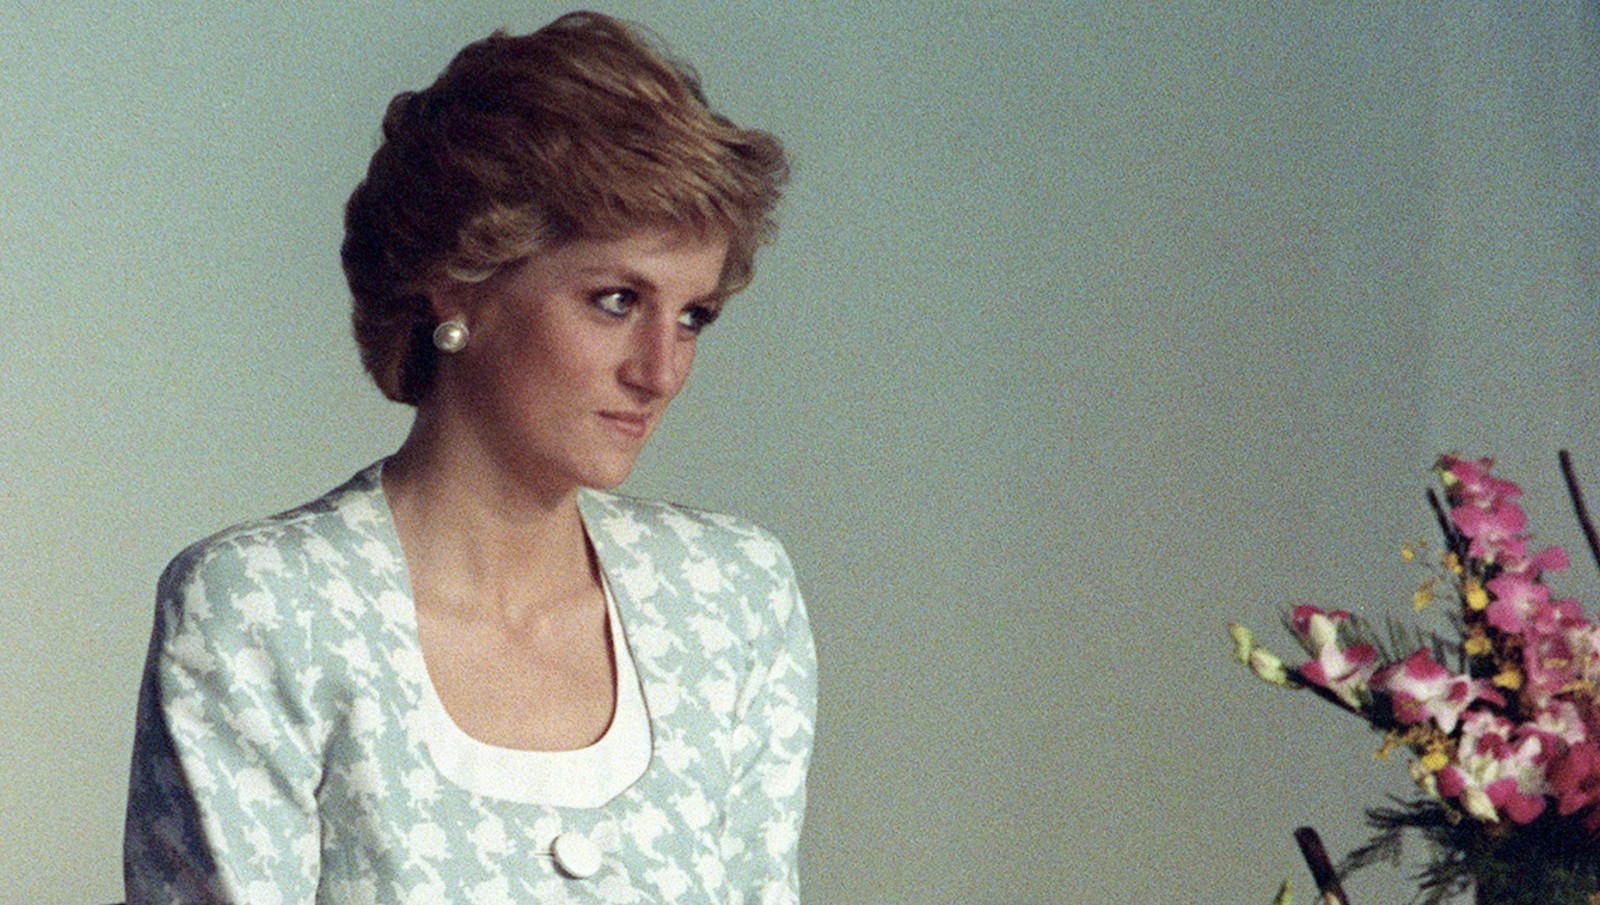 Diana hercegné nyíltsága szinte puccs volt a brit monarchia ellen